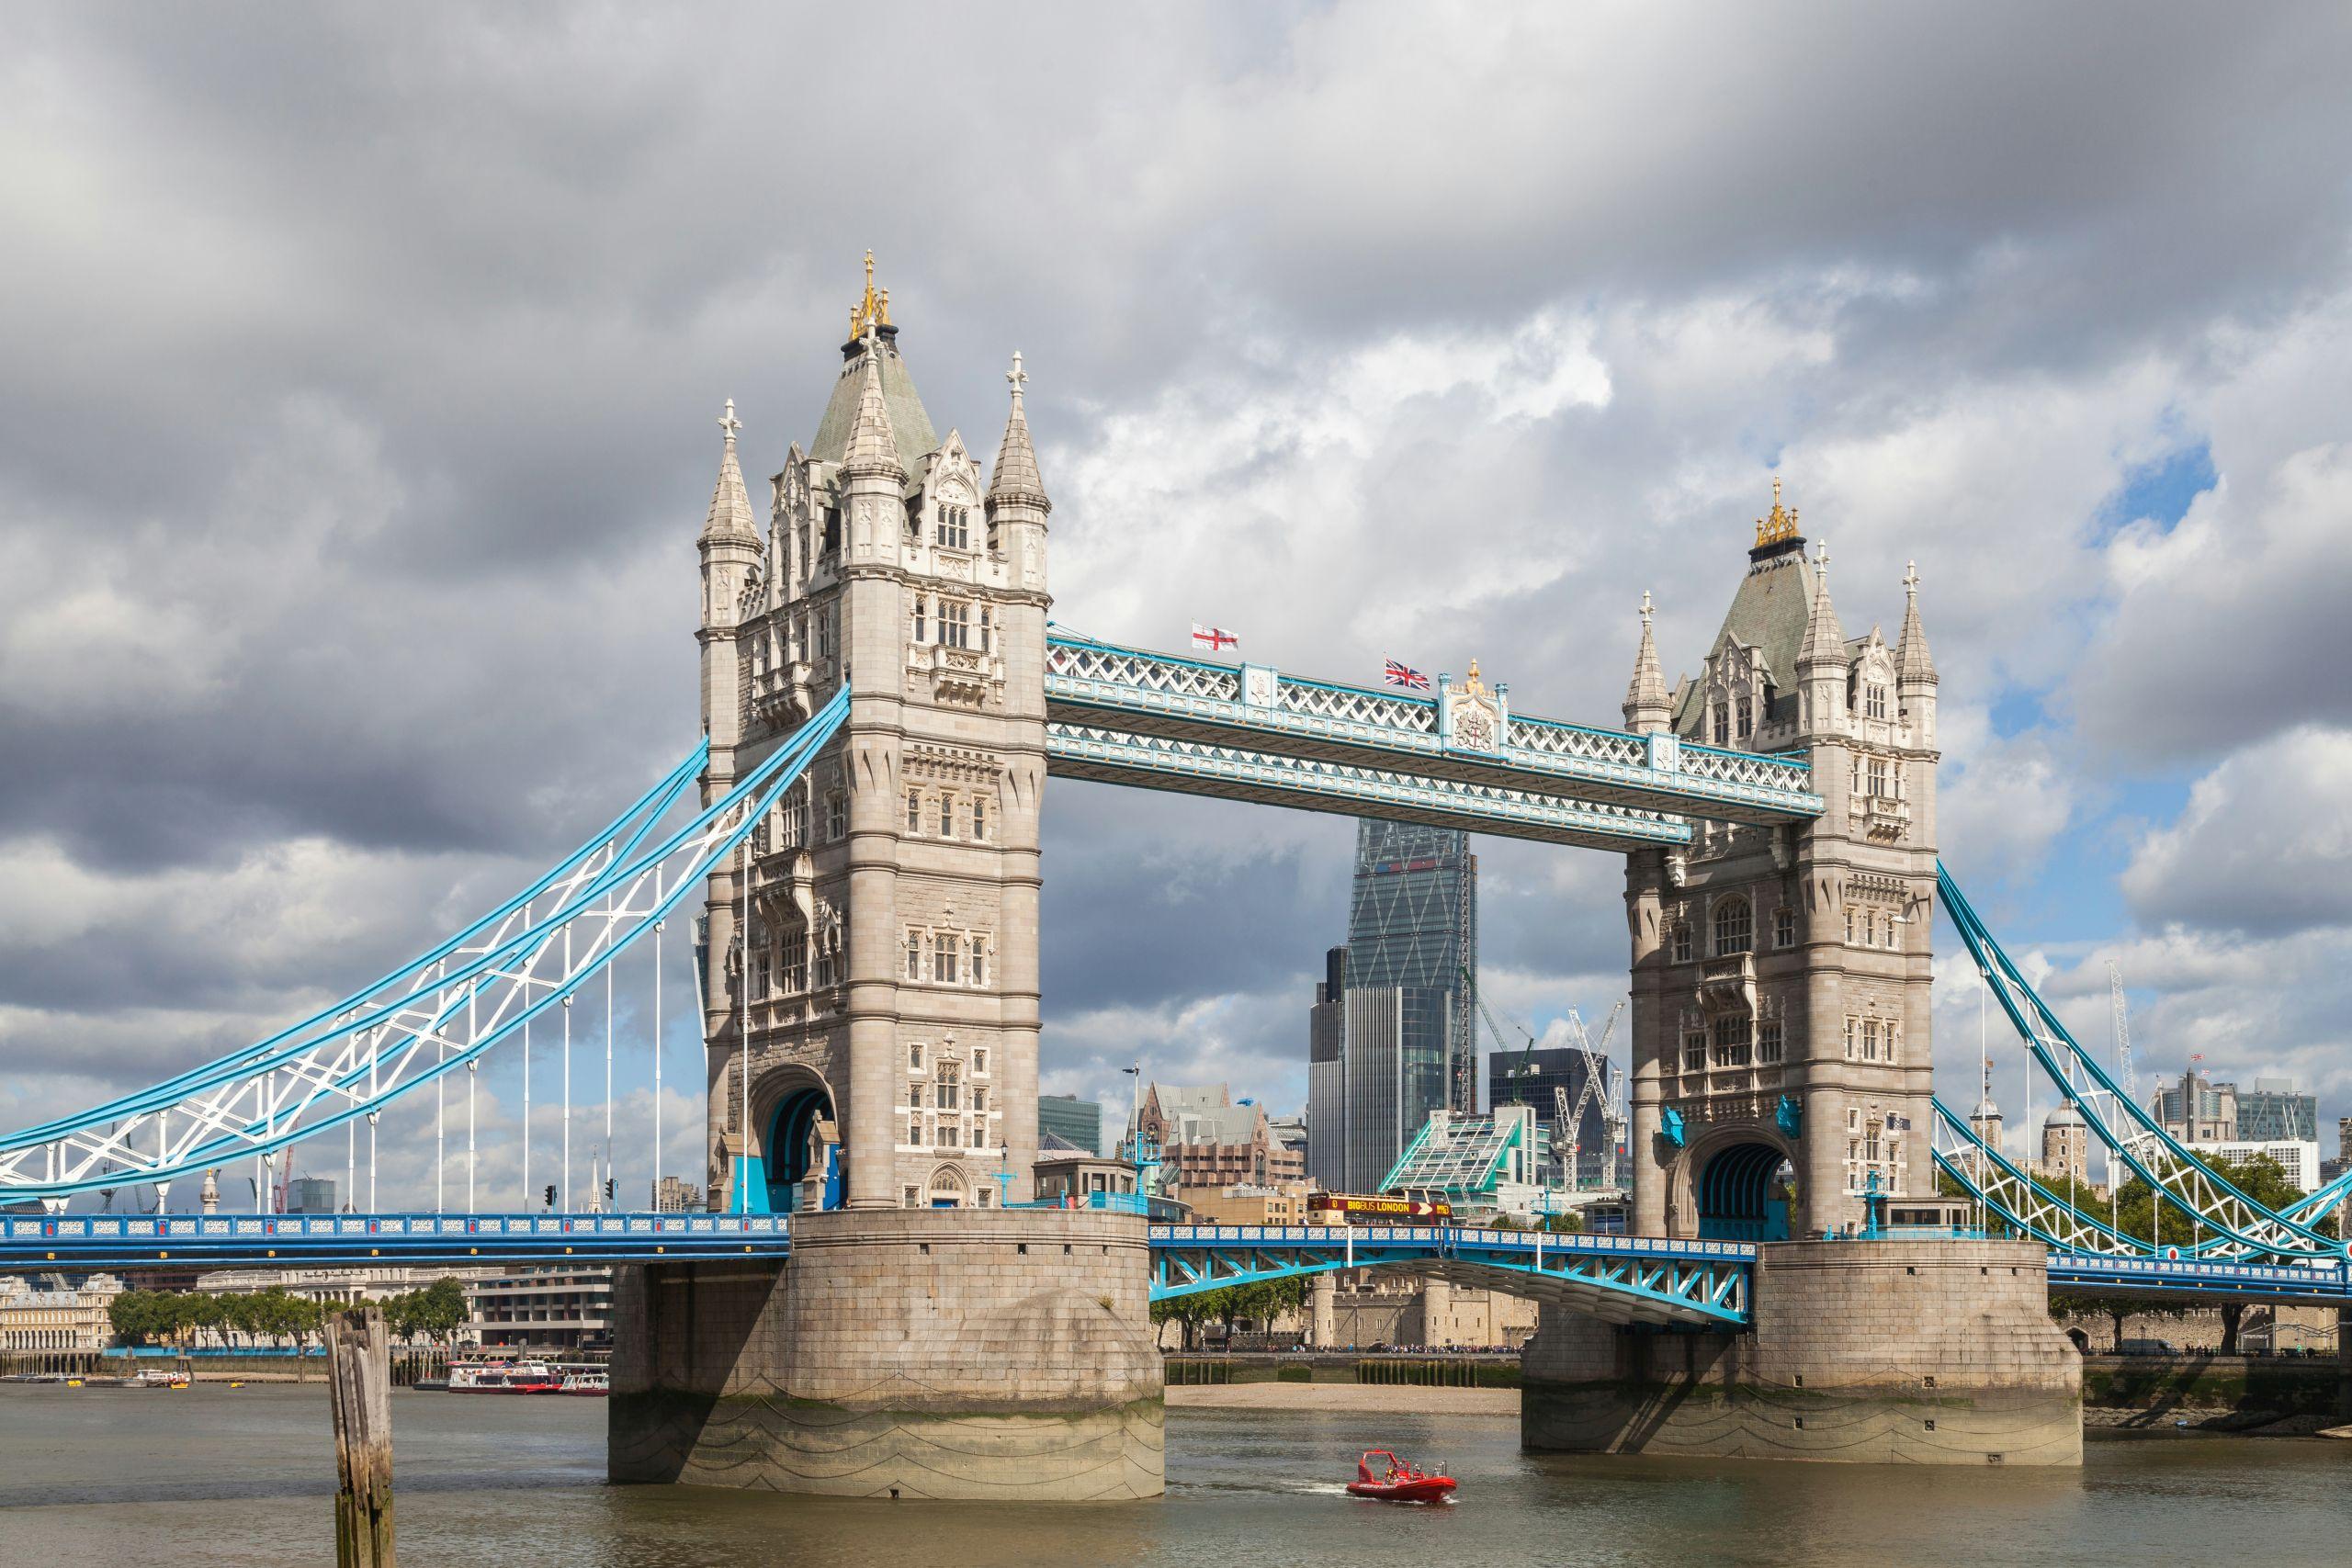 puente de la torre 2c londres 2c inglaterra 2c 2014 08 11 2c dd 092 jpg